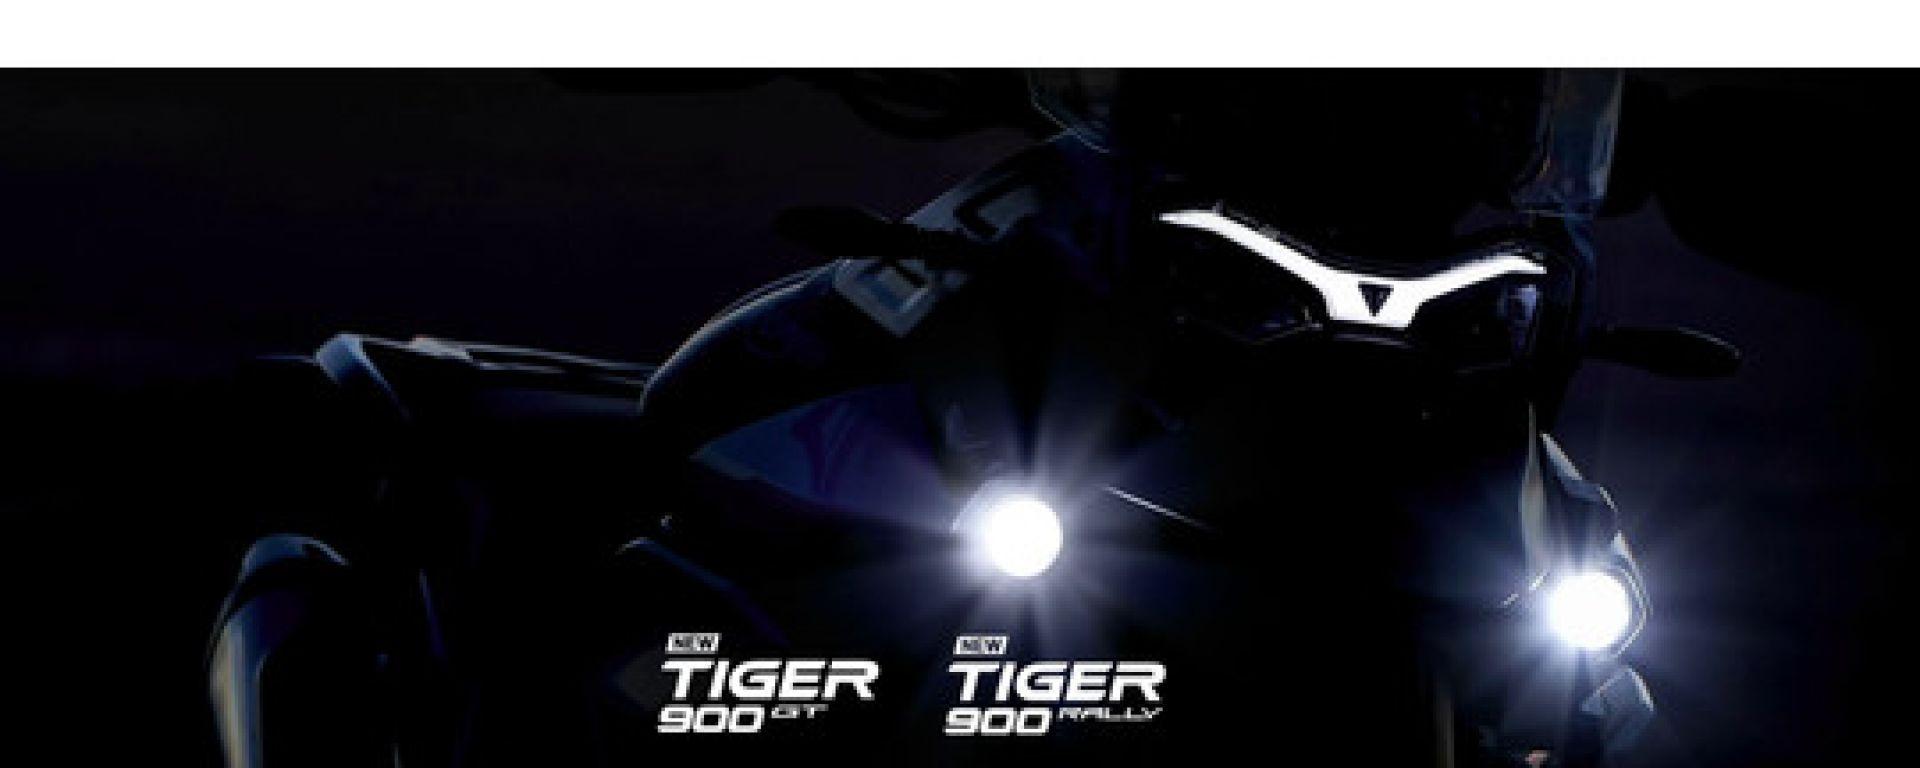 Triumph Tiger 900: ecco com'è e quando arriva